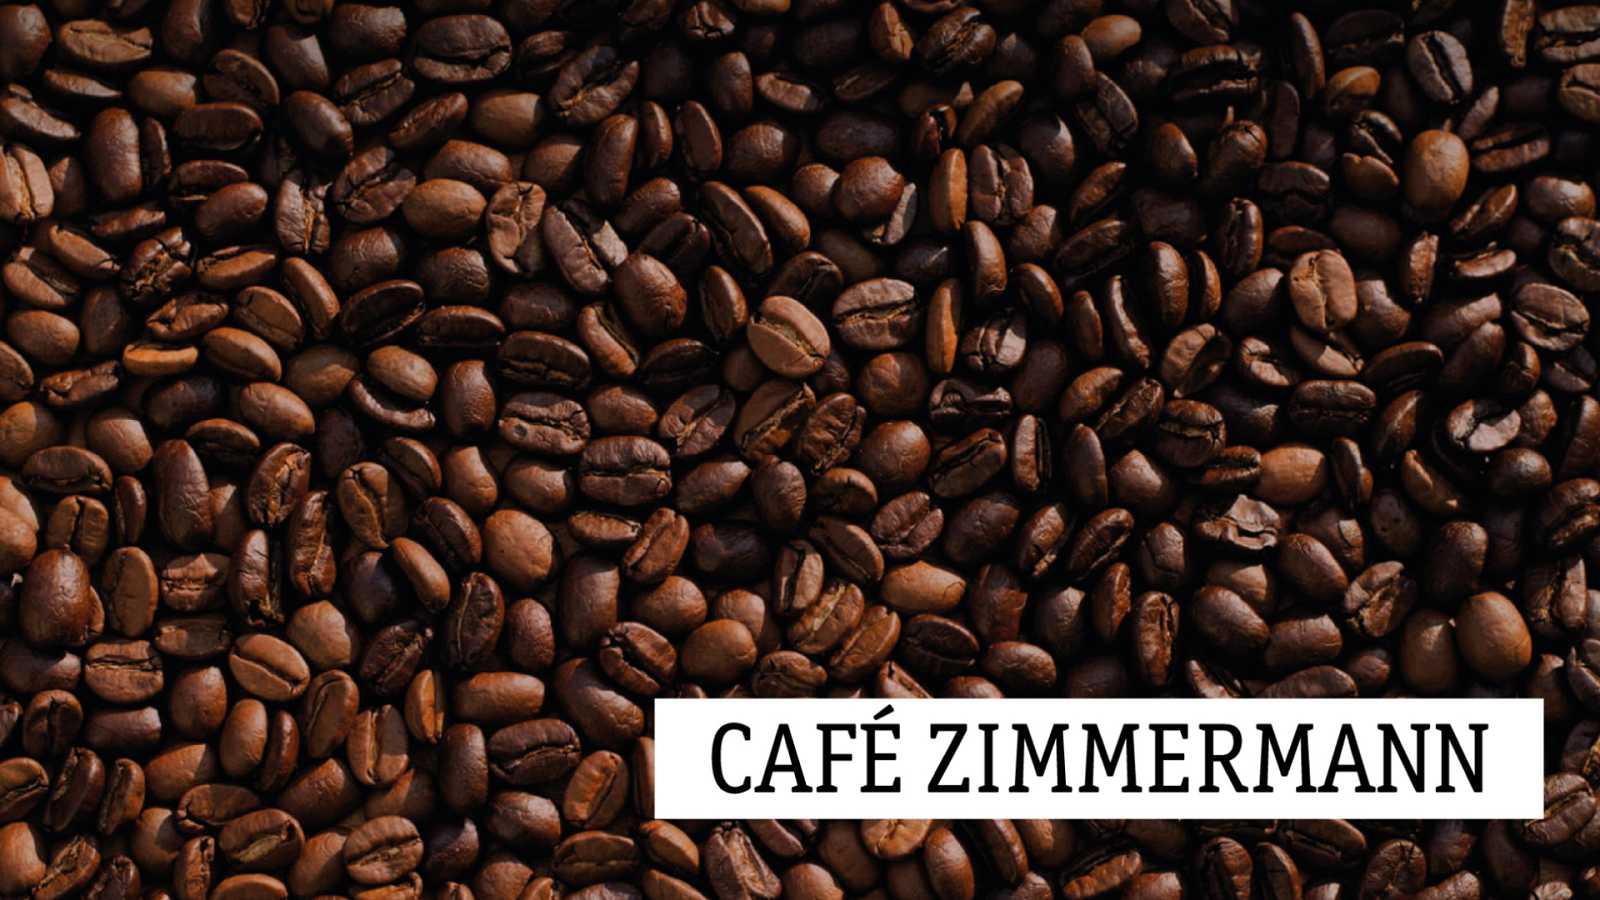 Café Zimmermann - Recuerdos de la Alhambra - 28/12/20 - escuchar ahora